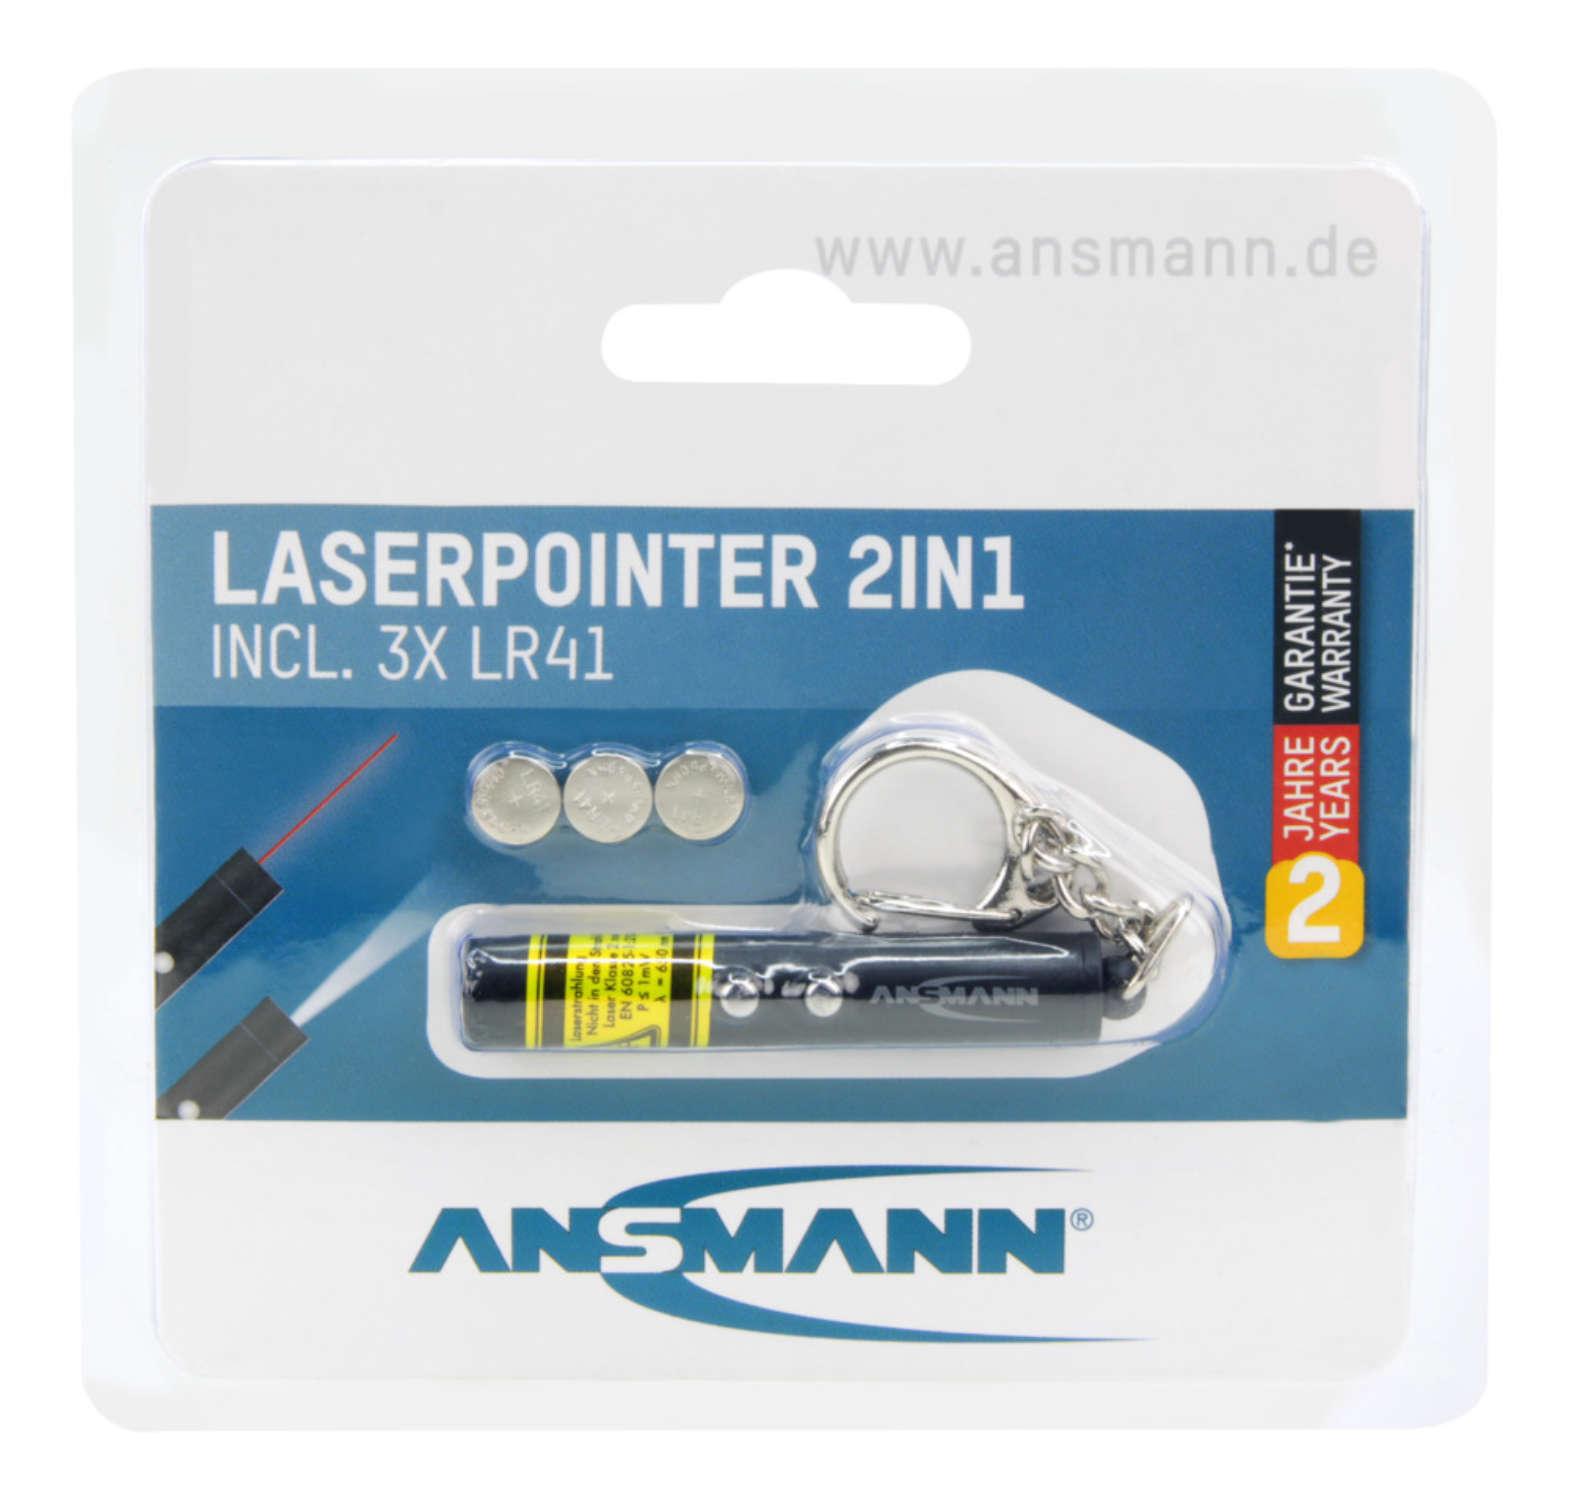 Laserpointer 2in1